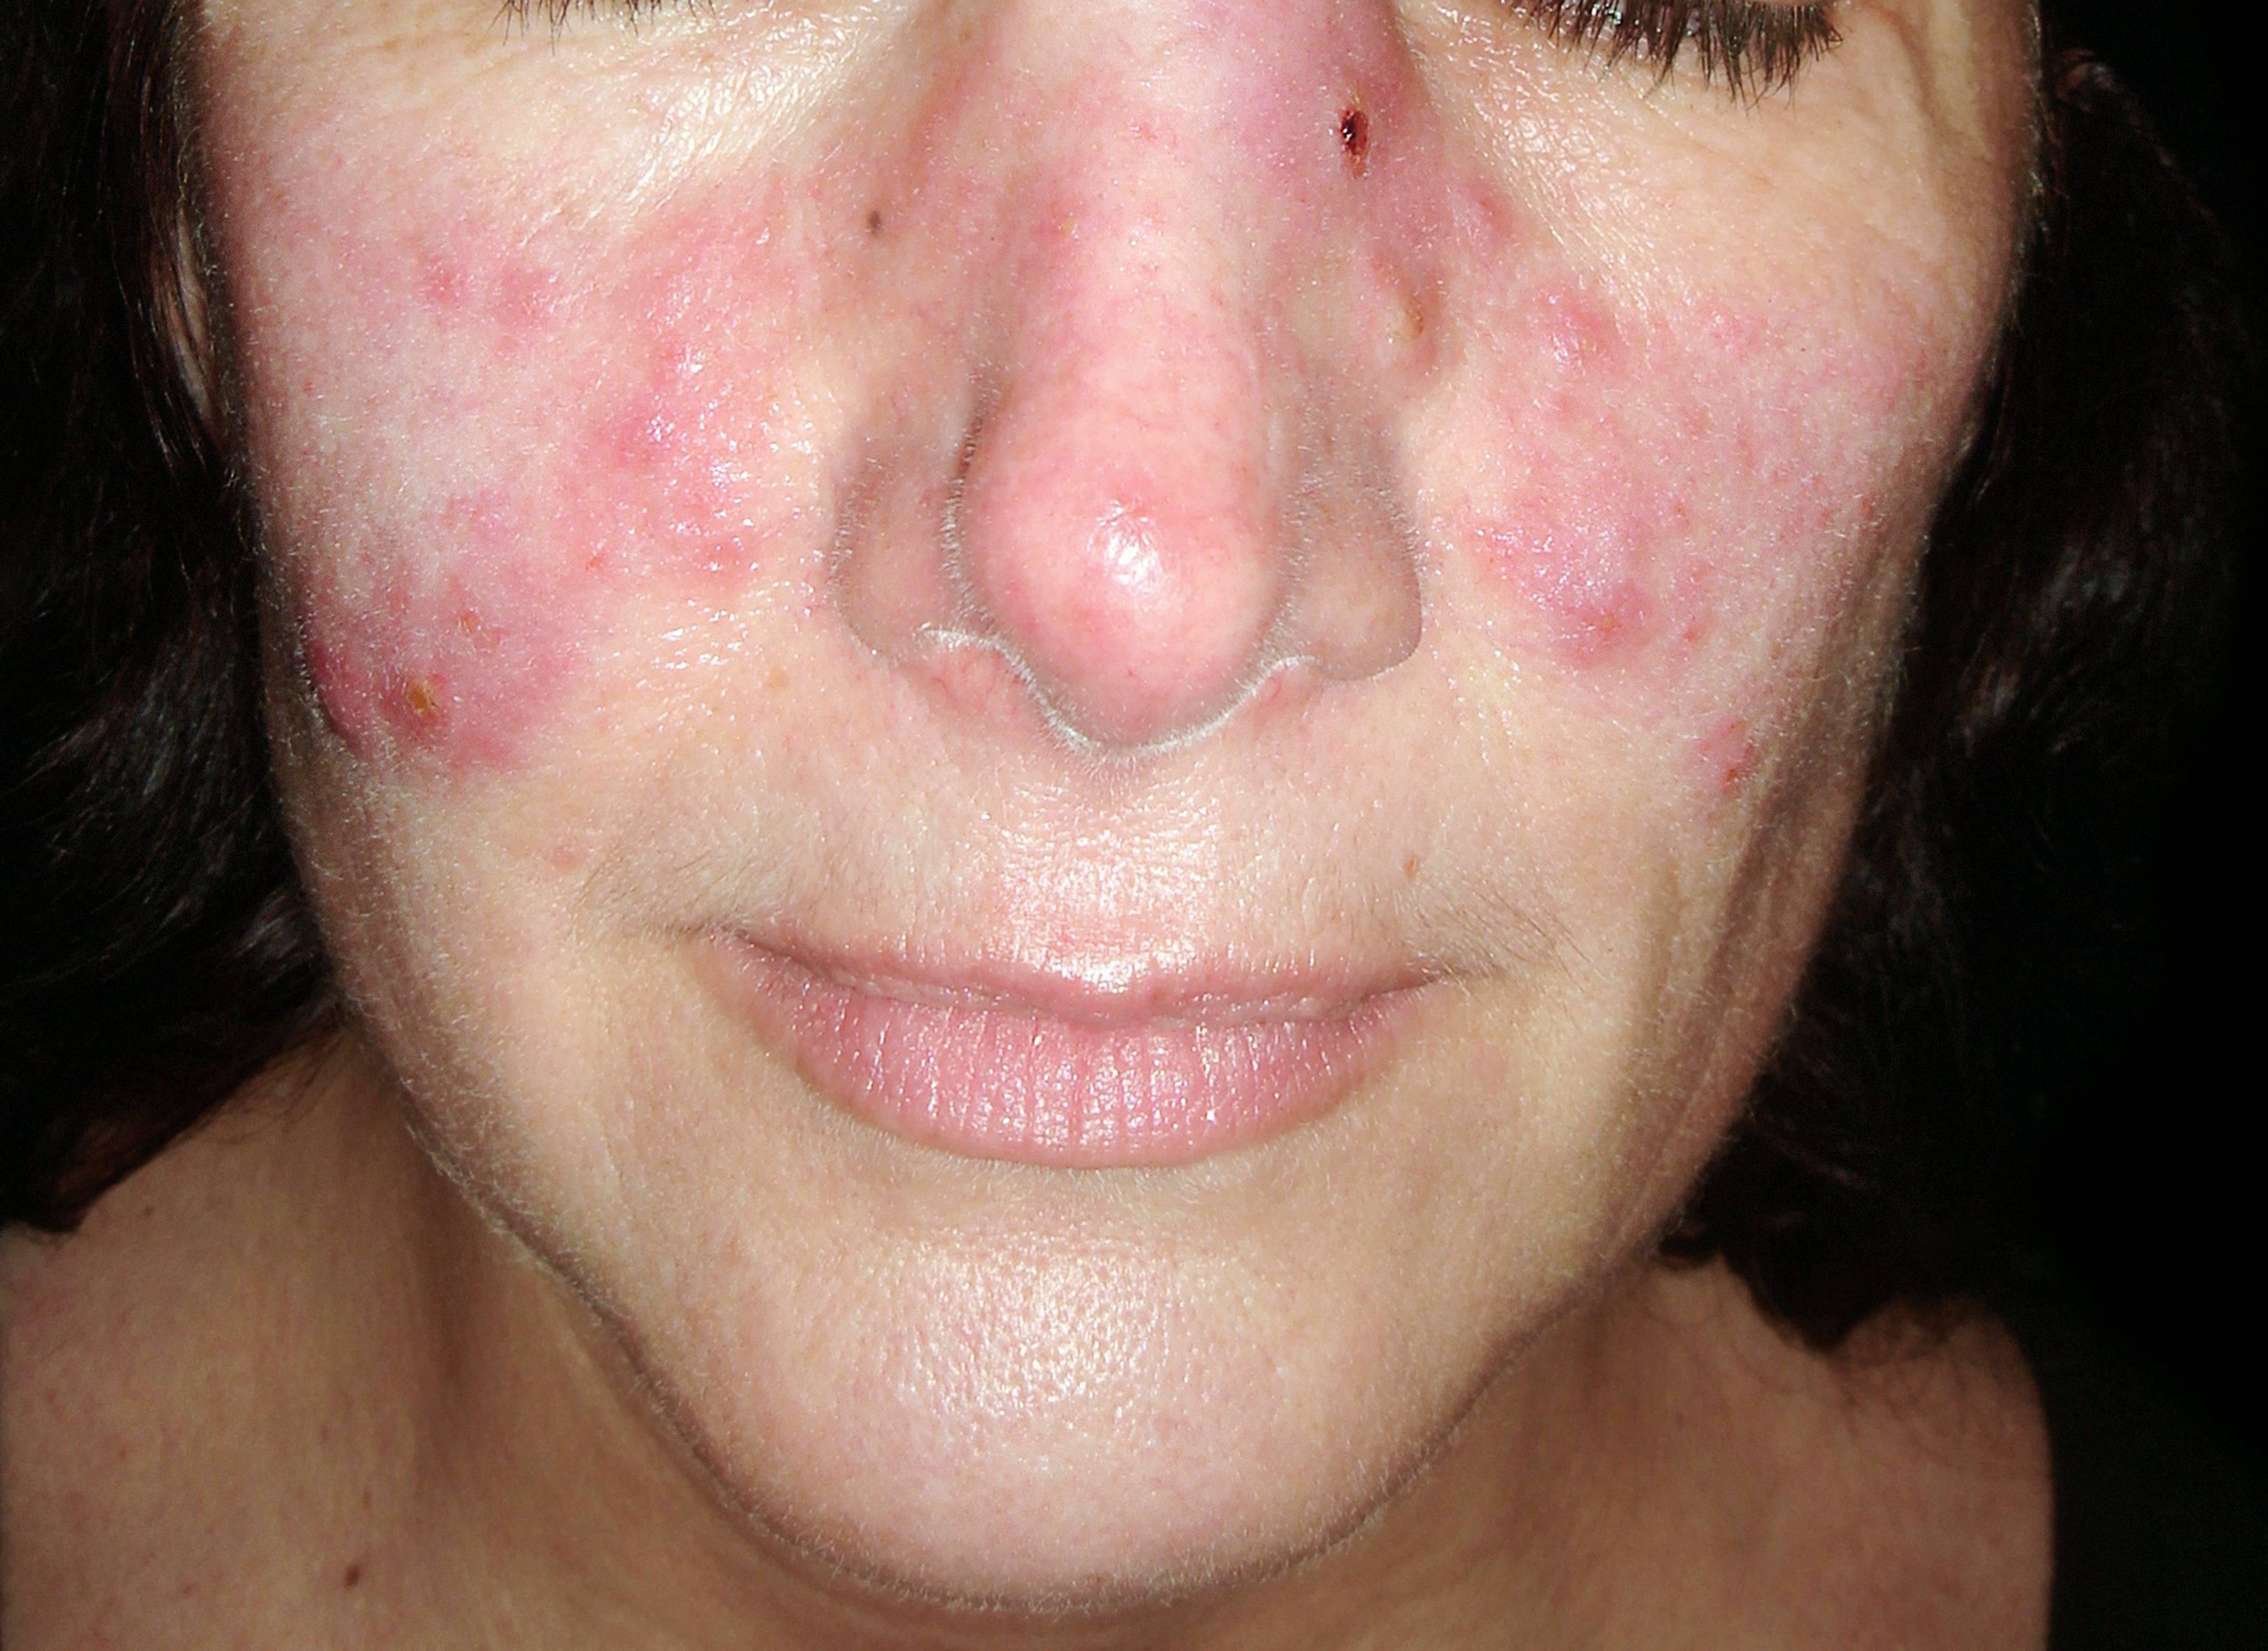 foltok az arcon vörös bőrbetegségek